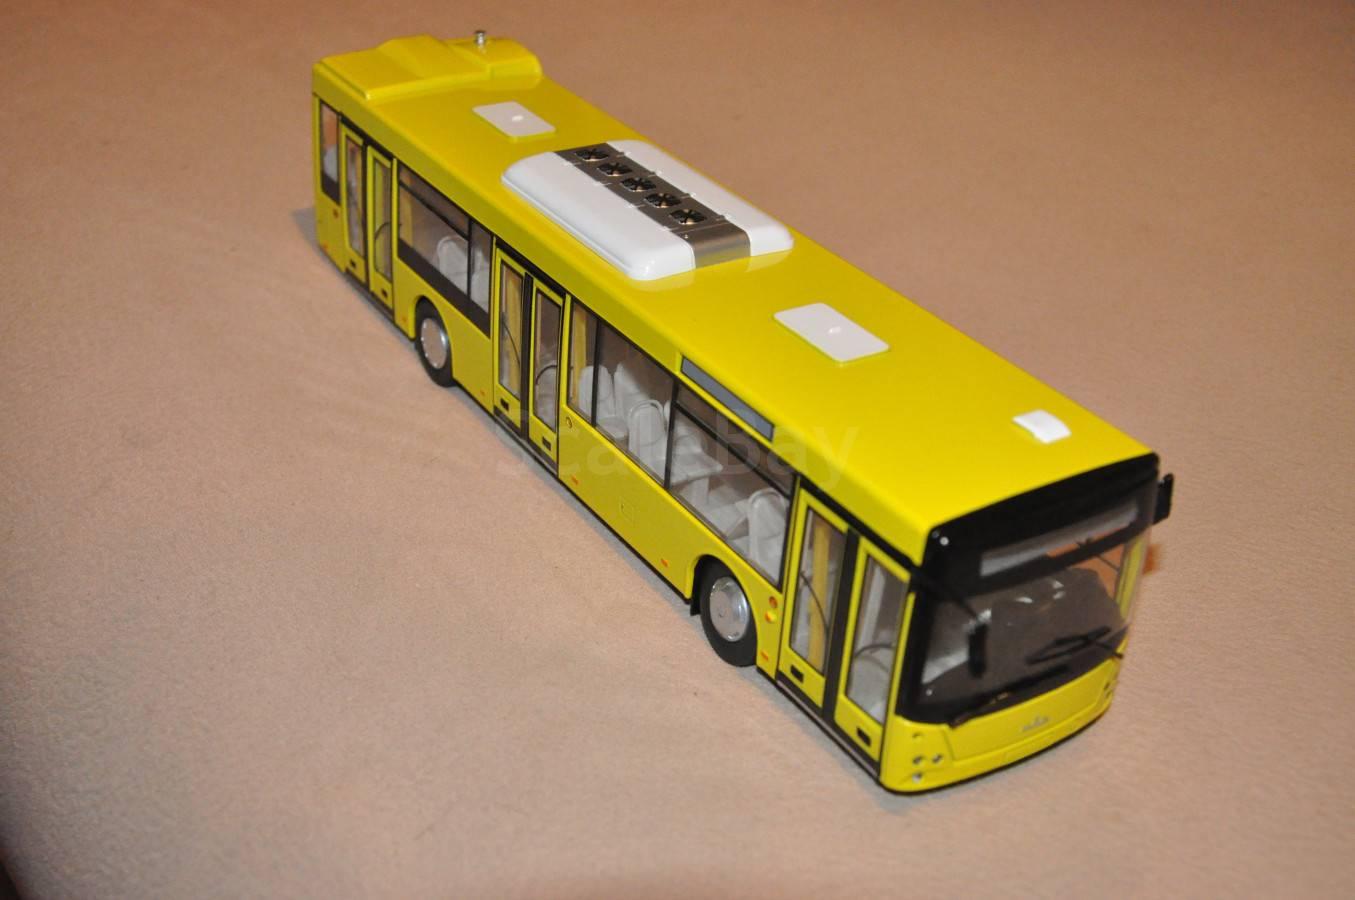 АИСТ. Городской автобус МАЗ-203 (жёлтый)   Аукцион масштабных и сборных моделей